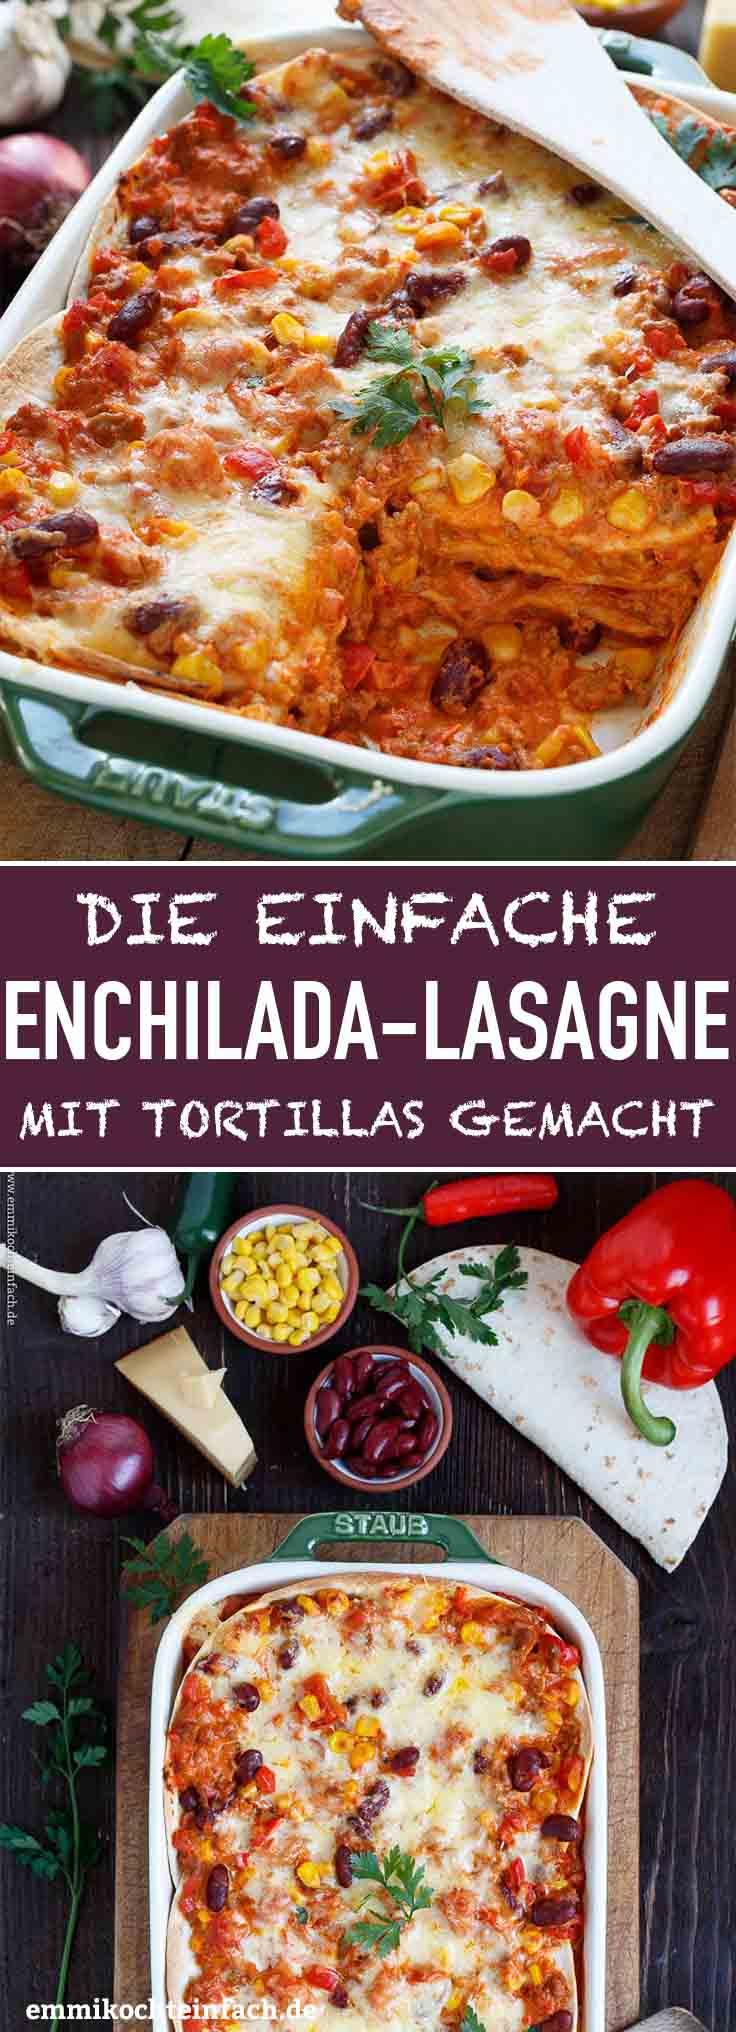 Mexikanische Enchilada-Lasagne - www.emmikochteinfach.de